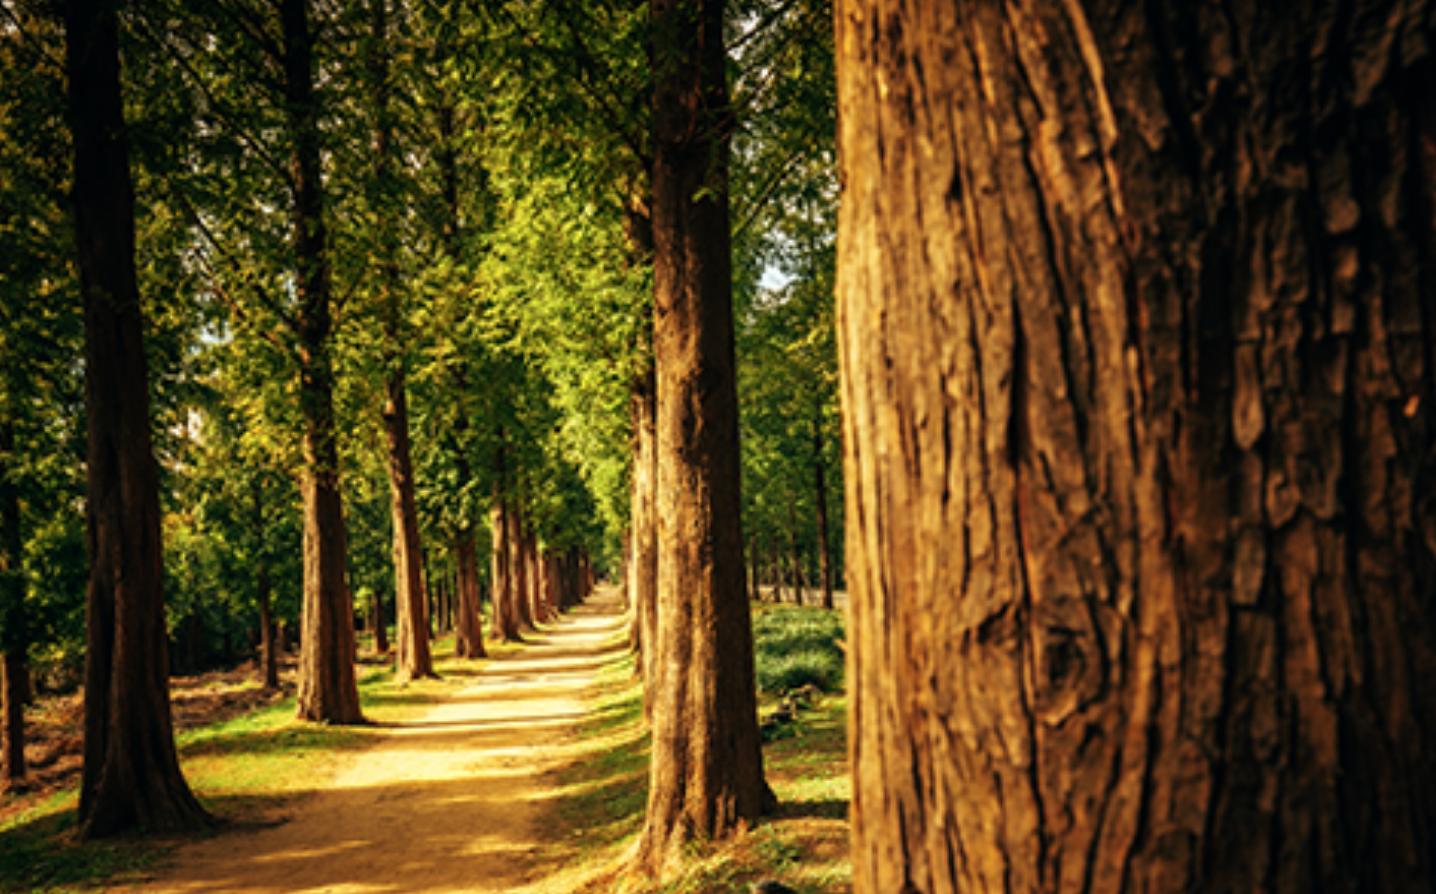 메타세콰이어 나무가 늘어서 있는 숲길